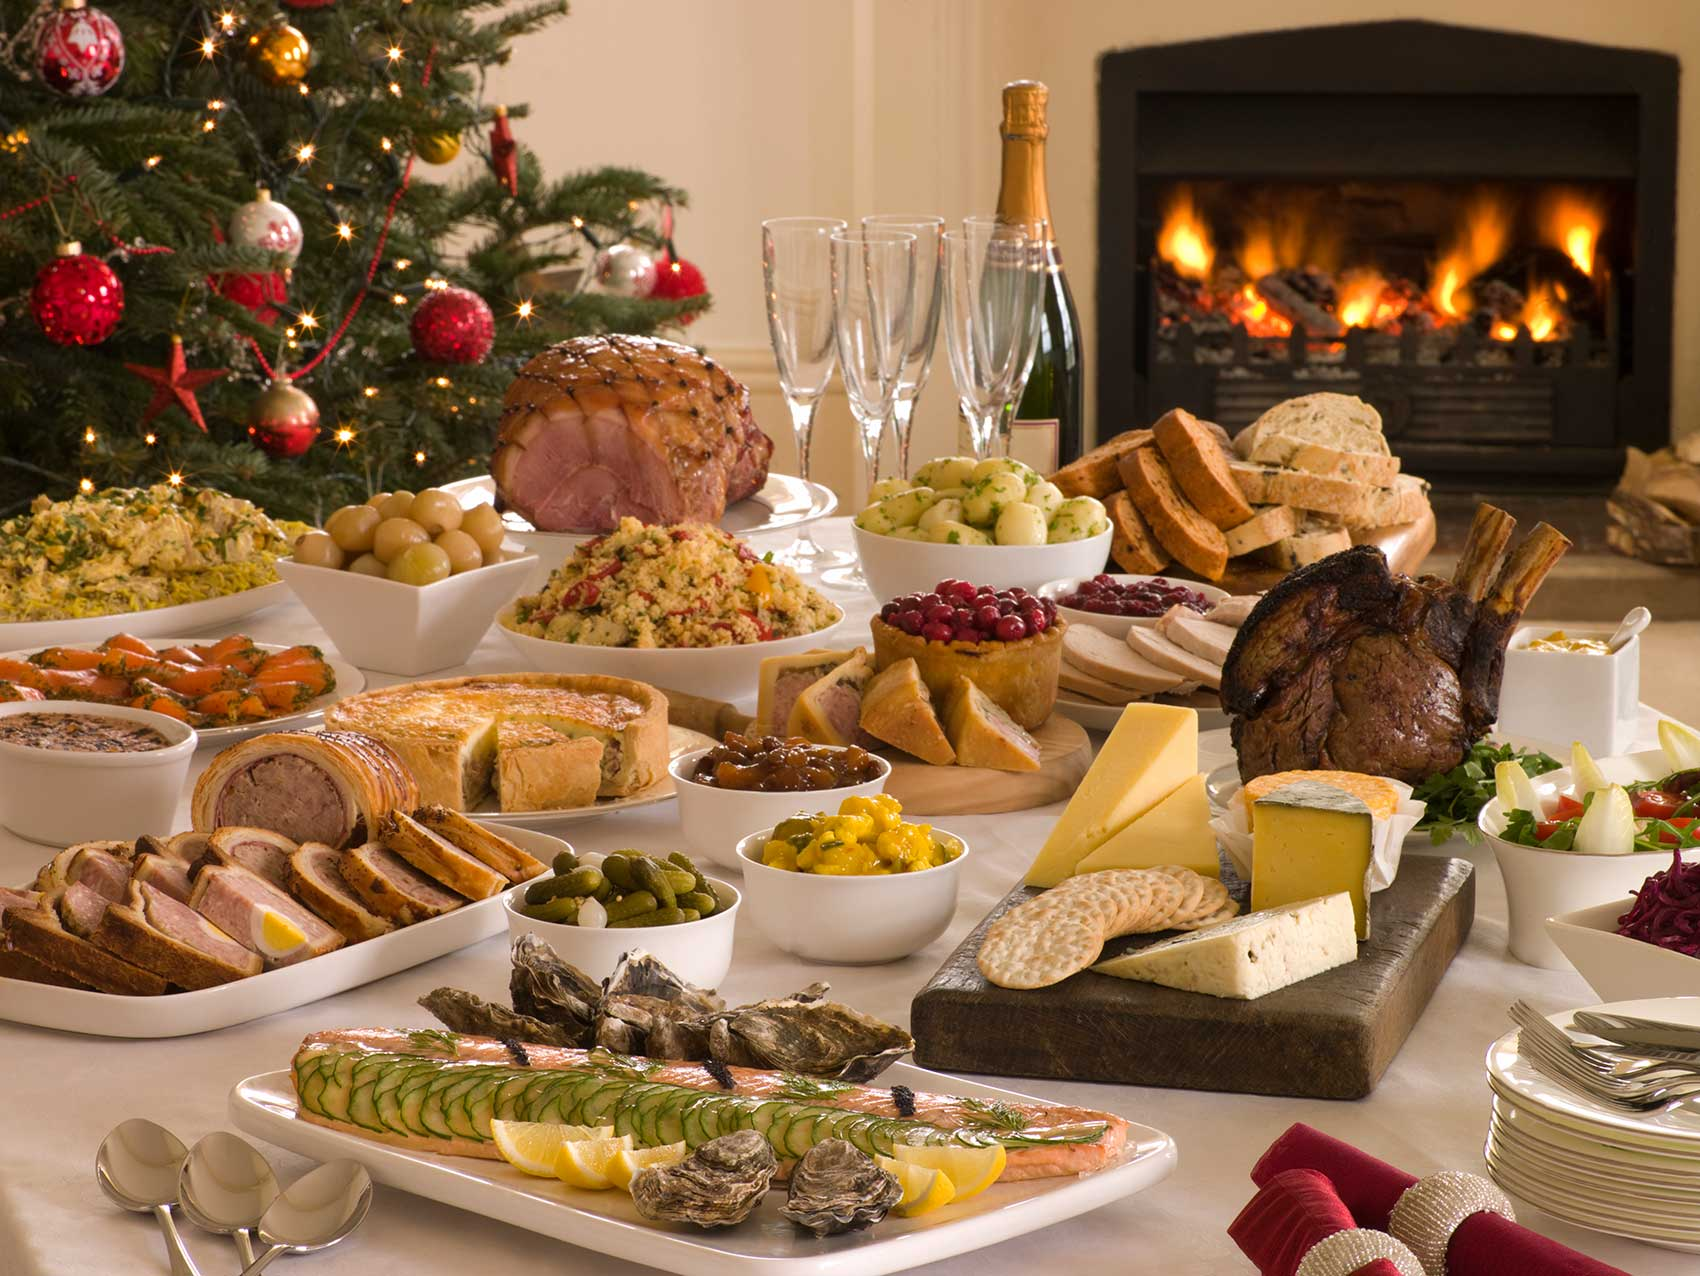 картинка праздничного ужина